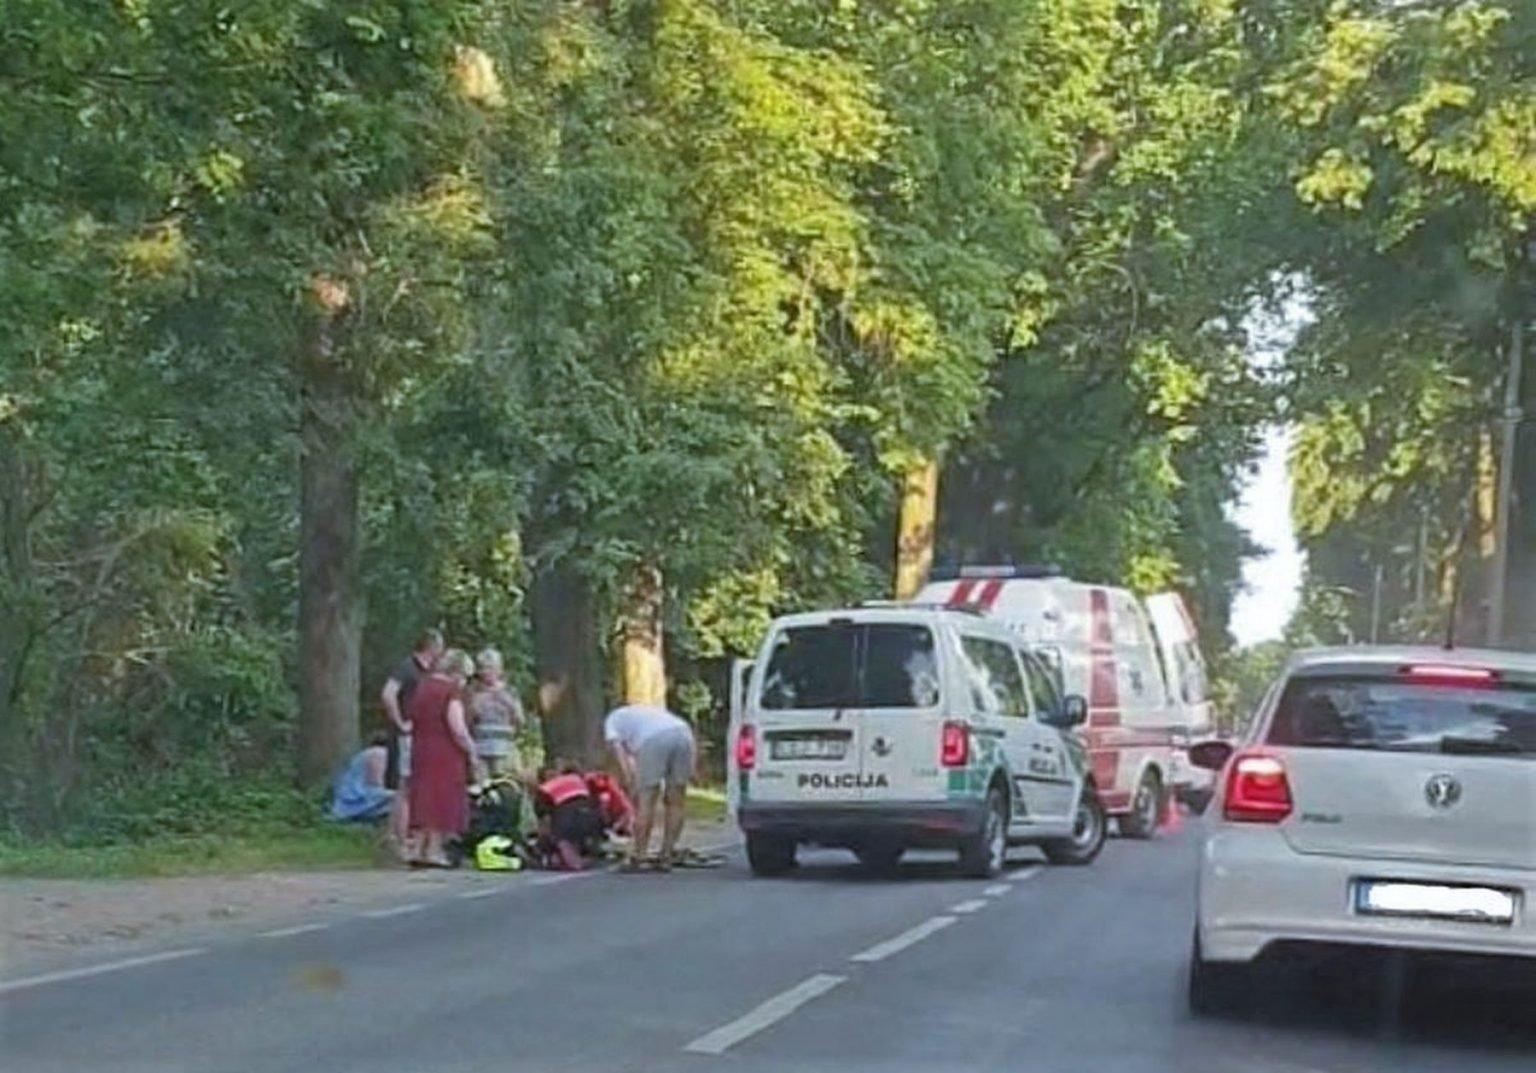 Skaudus susidūrimas Vaišvydavoje: motociklo vairuotojas išvežtas į ligoninę